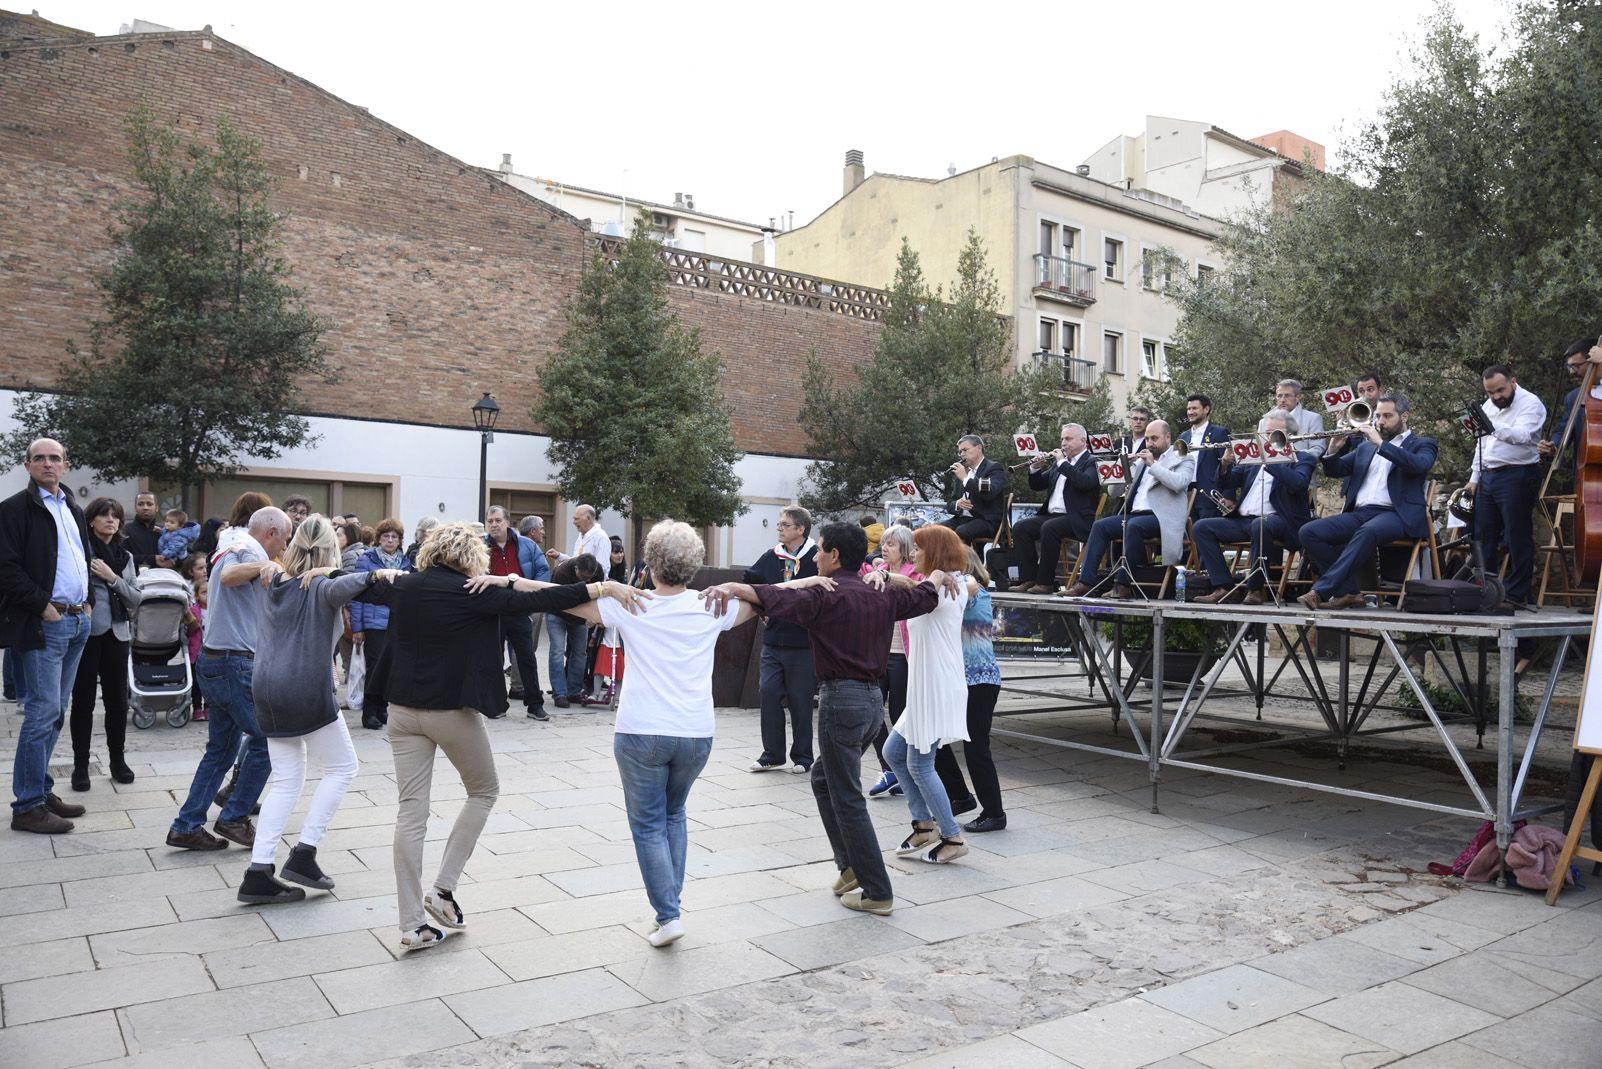 Ballada de sardanes durant la diada de Sant Jordi. Fotot: Bernat Millet.